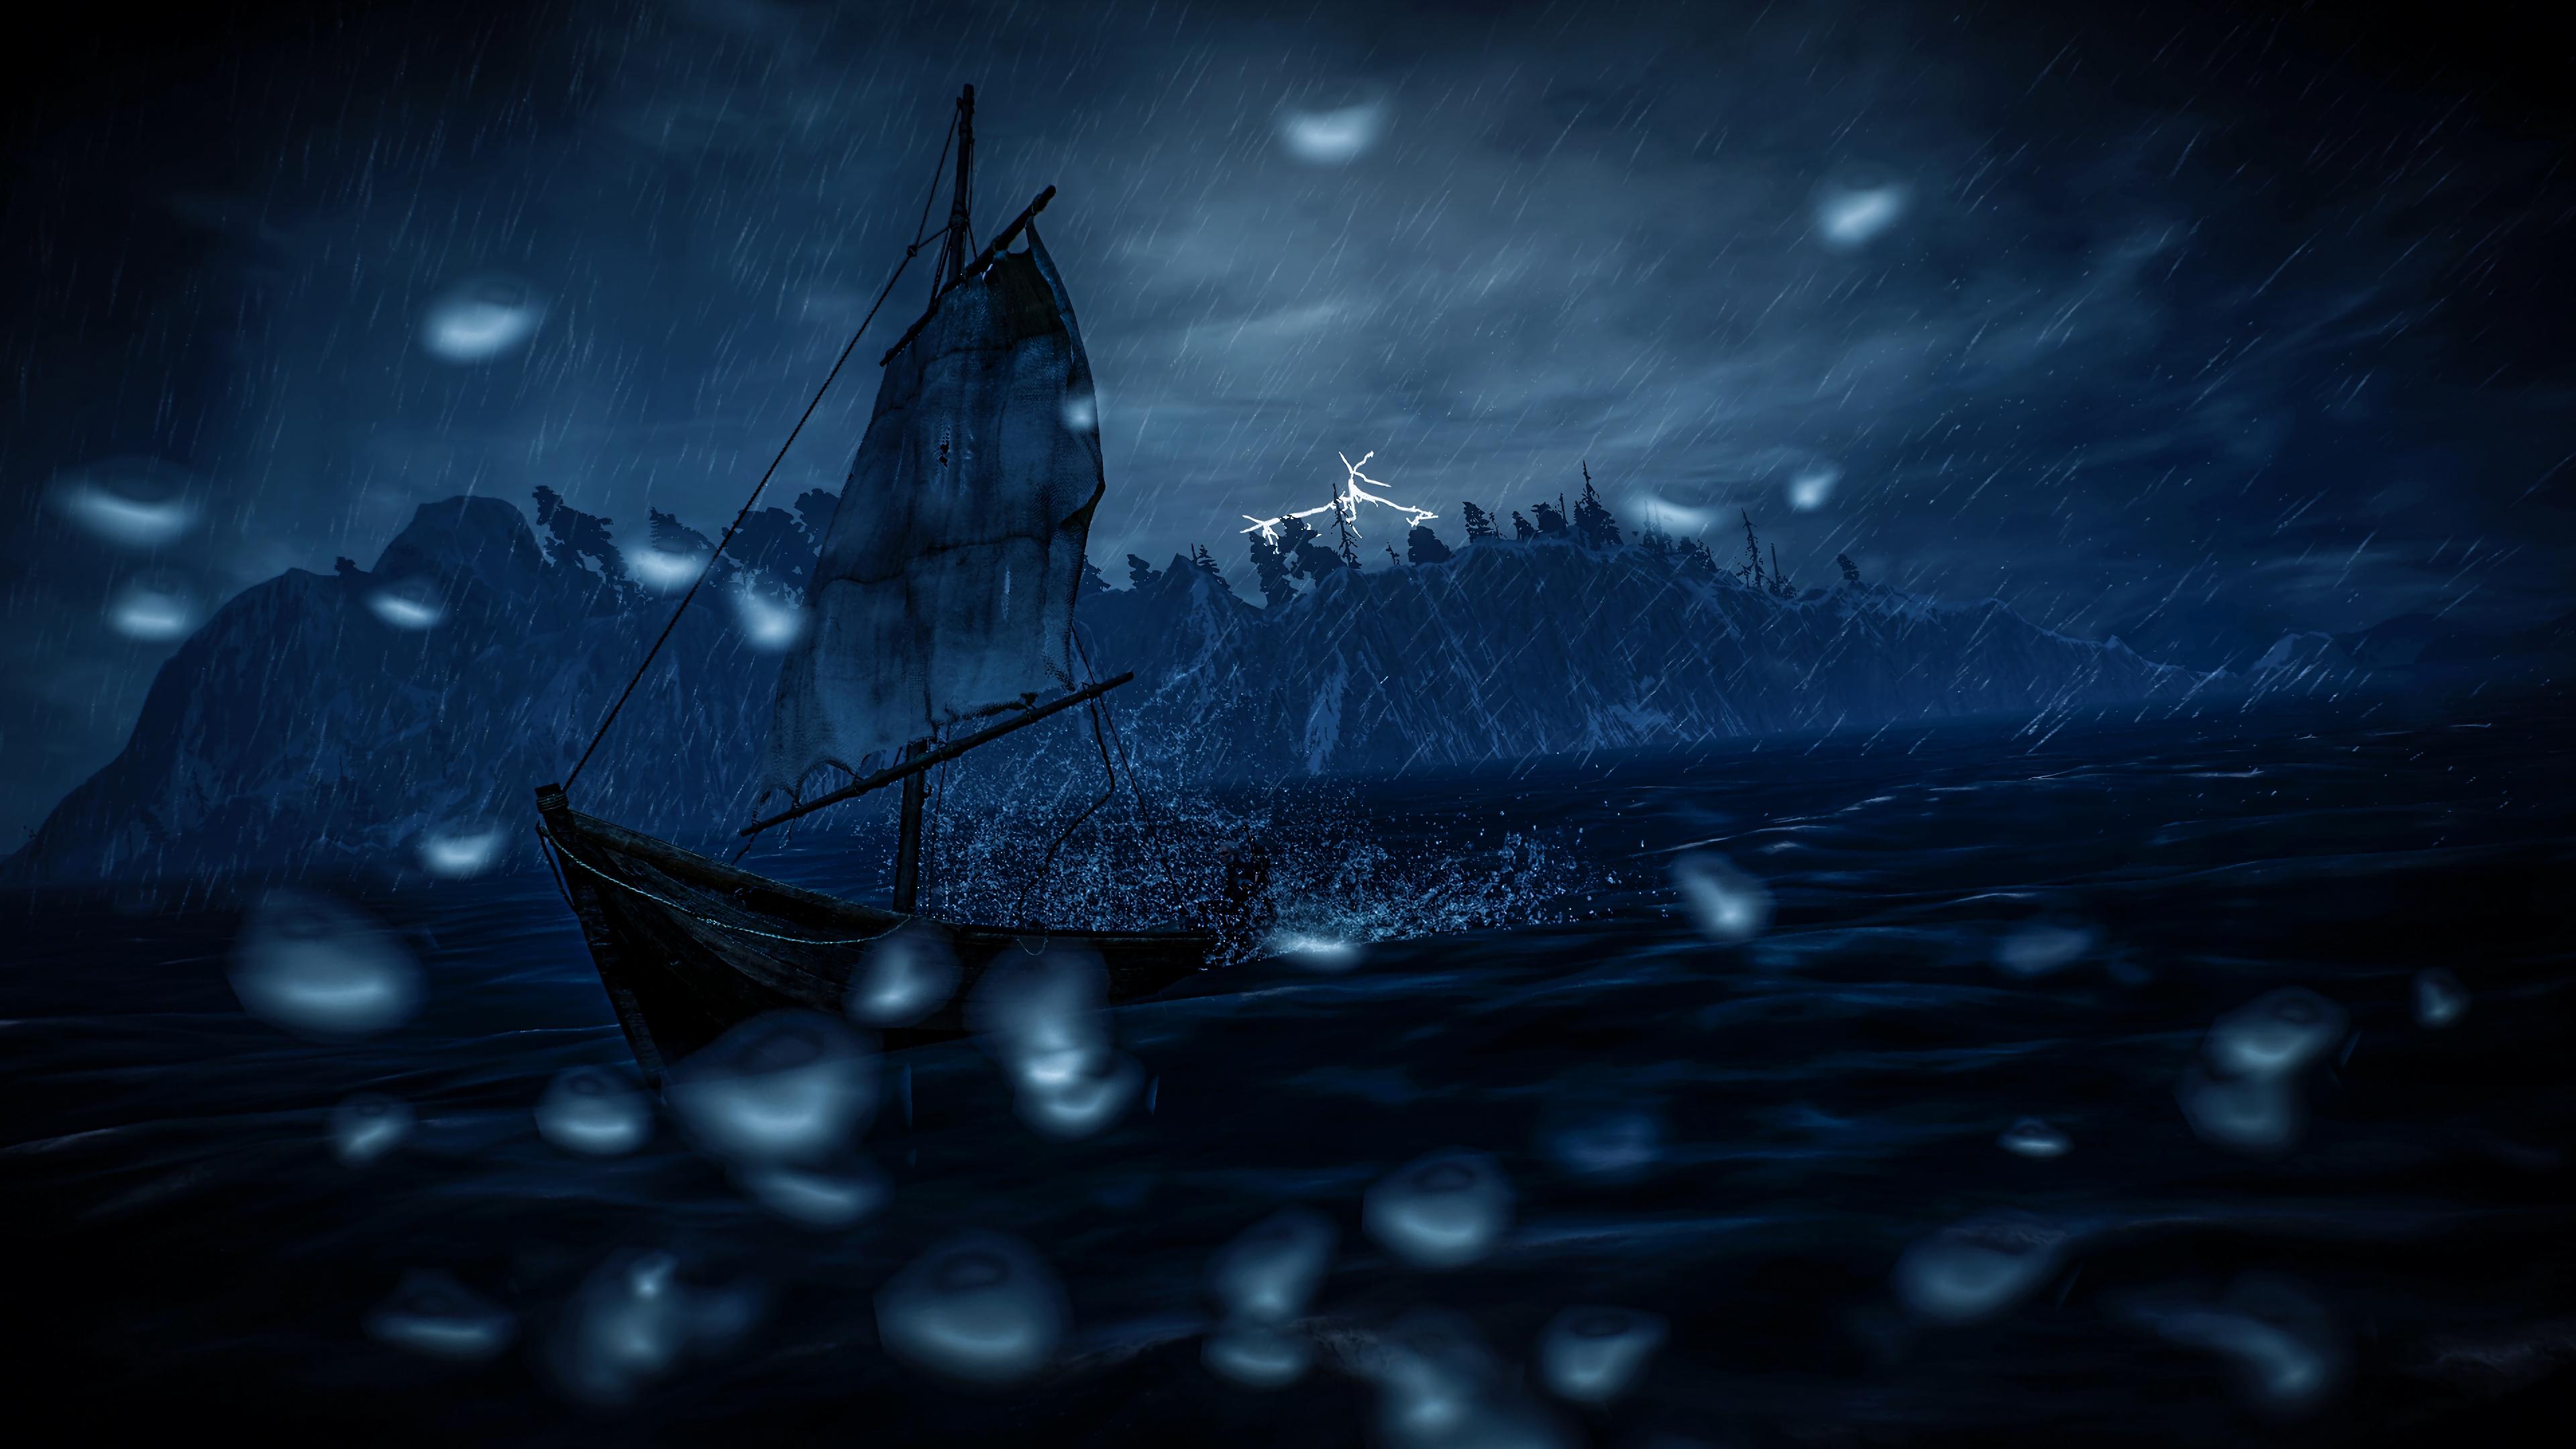 sail boat storm dark 4k 1540575142 - sail, boat, storm, dark 4k - Storm, Sail, Boat